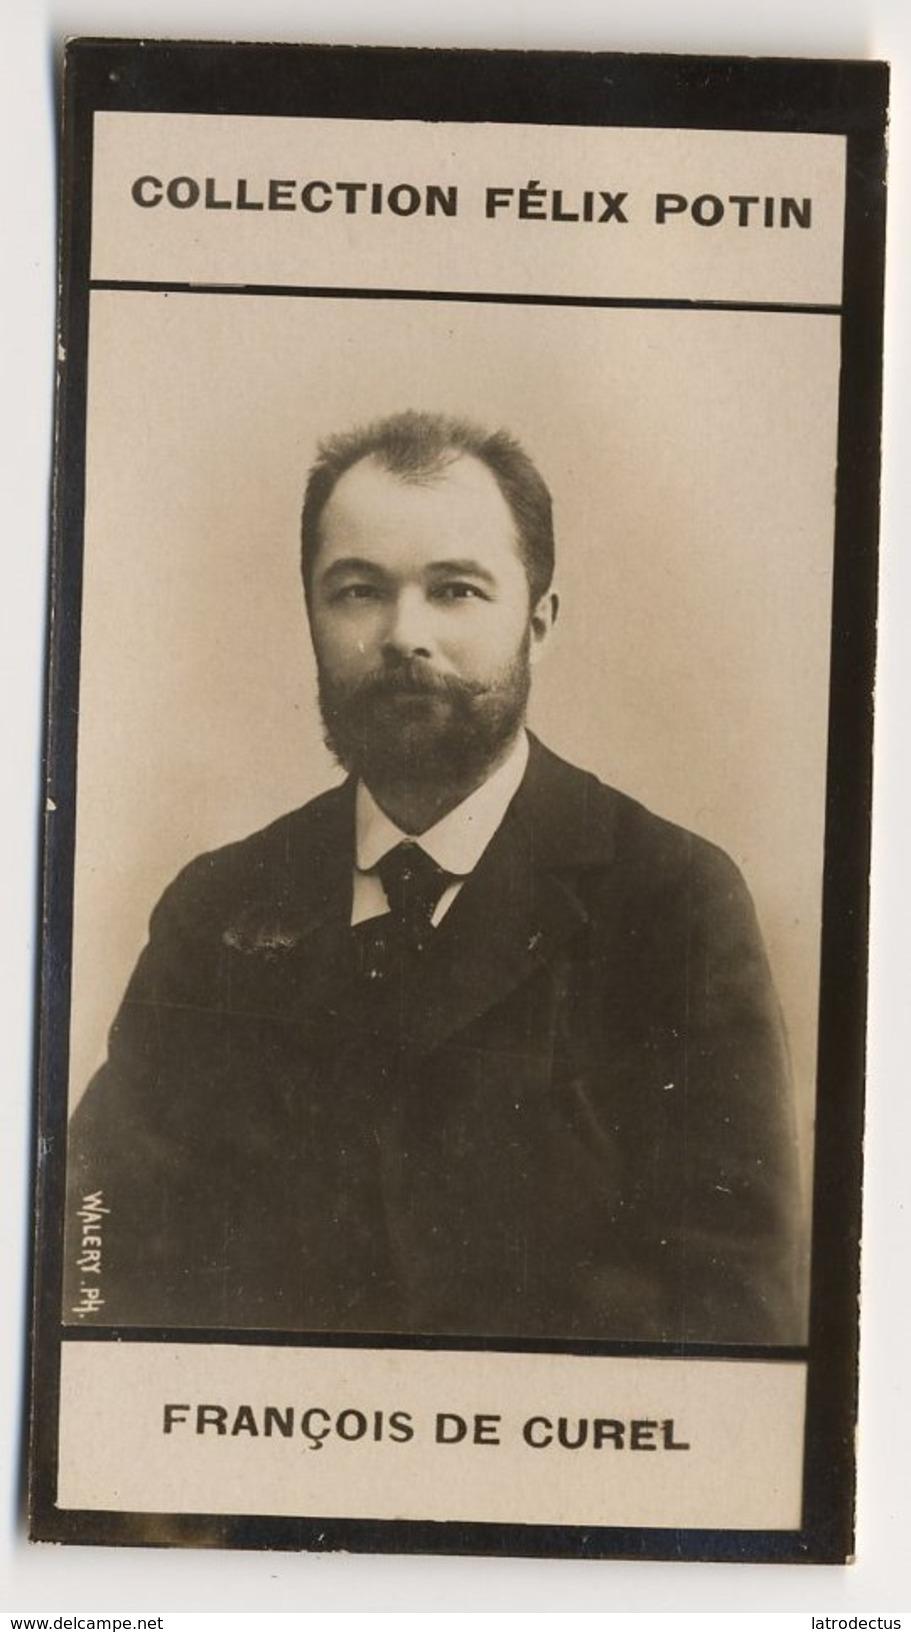 Collection Felix Potin - 1898 - REAL PHOTO - François De Curel, Homme De Lettres - Félix Potin